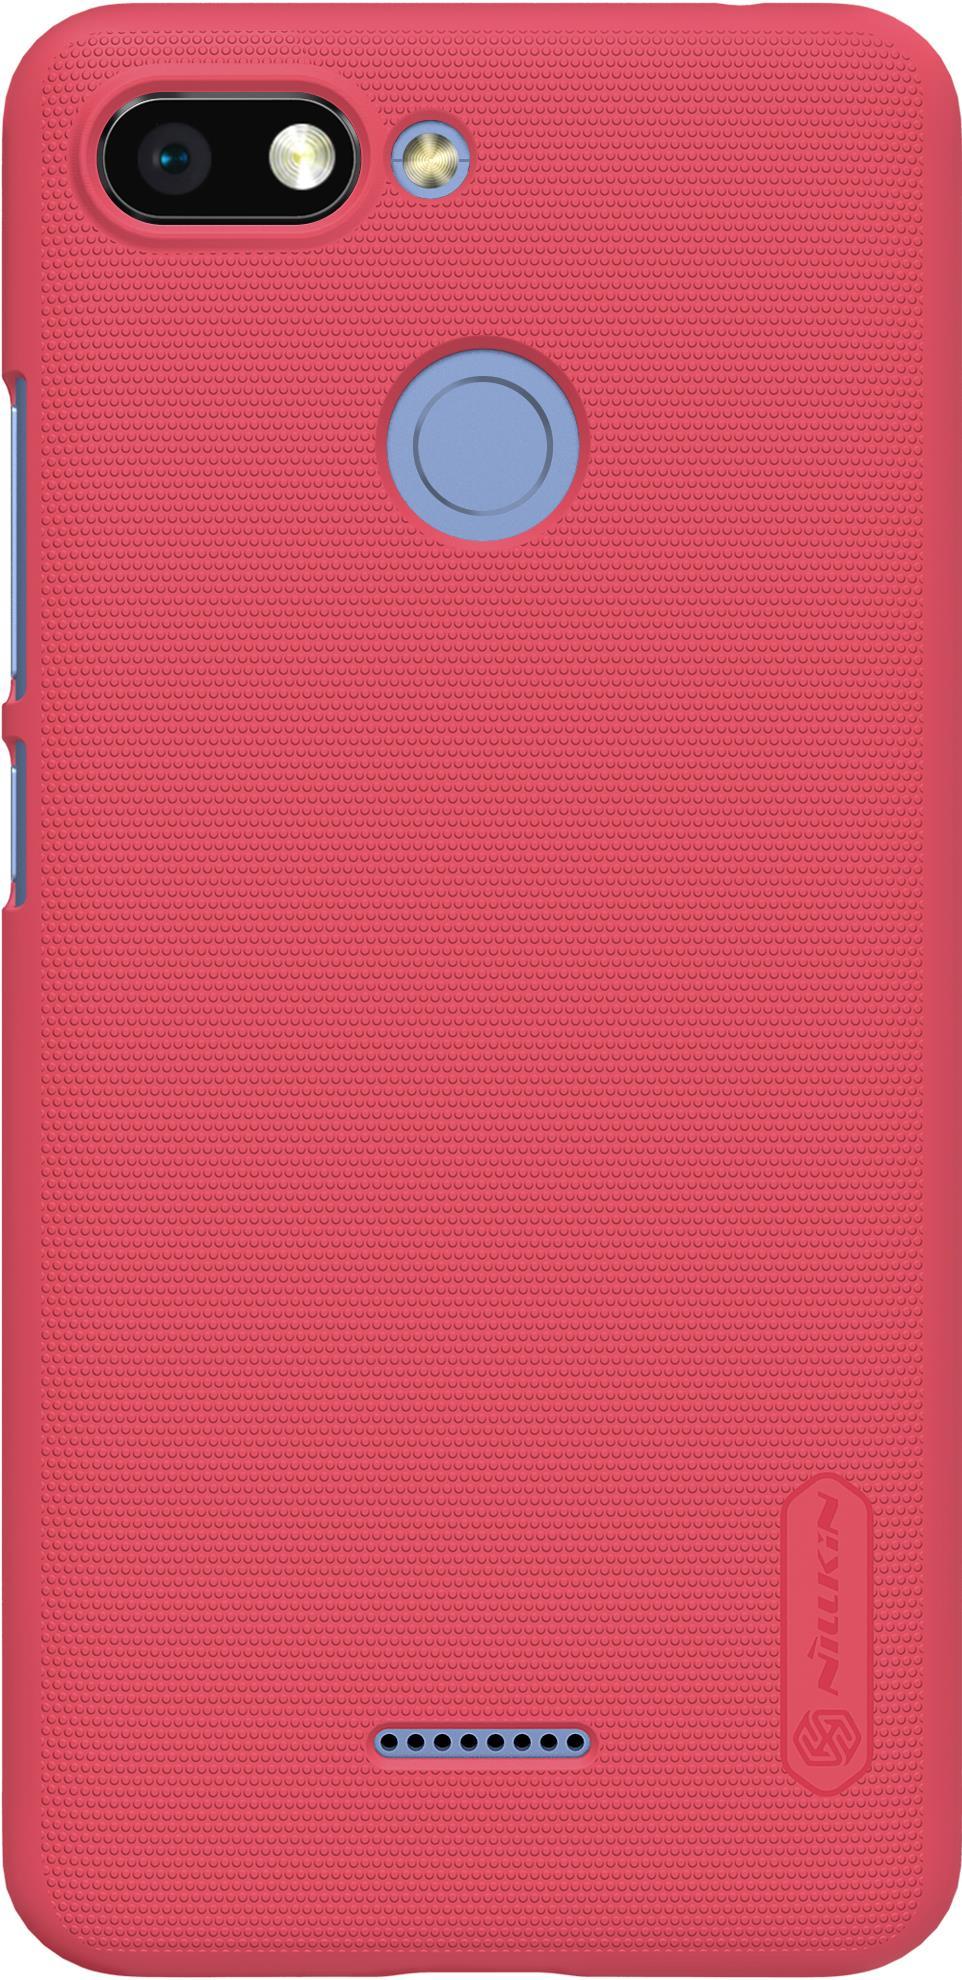 Чехол для сотового телефона Nillkin Super Frosted, 6902048160491, красный клип кейс nillkin super frosted shield для lg g4 stylus красный